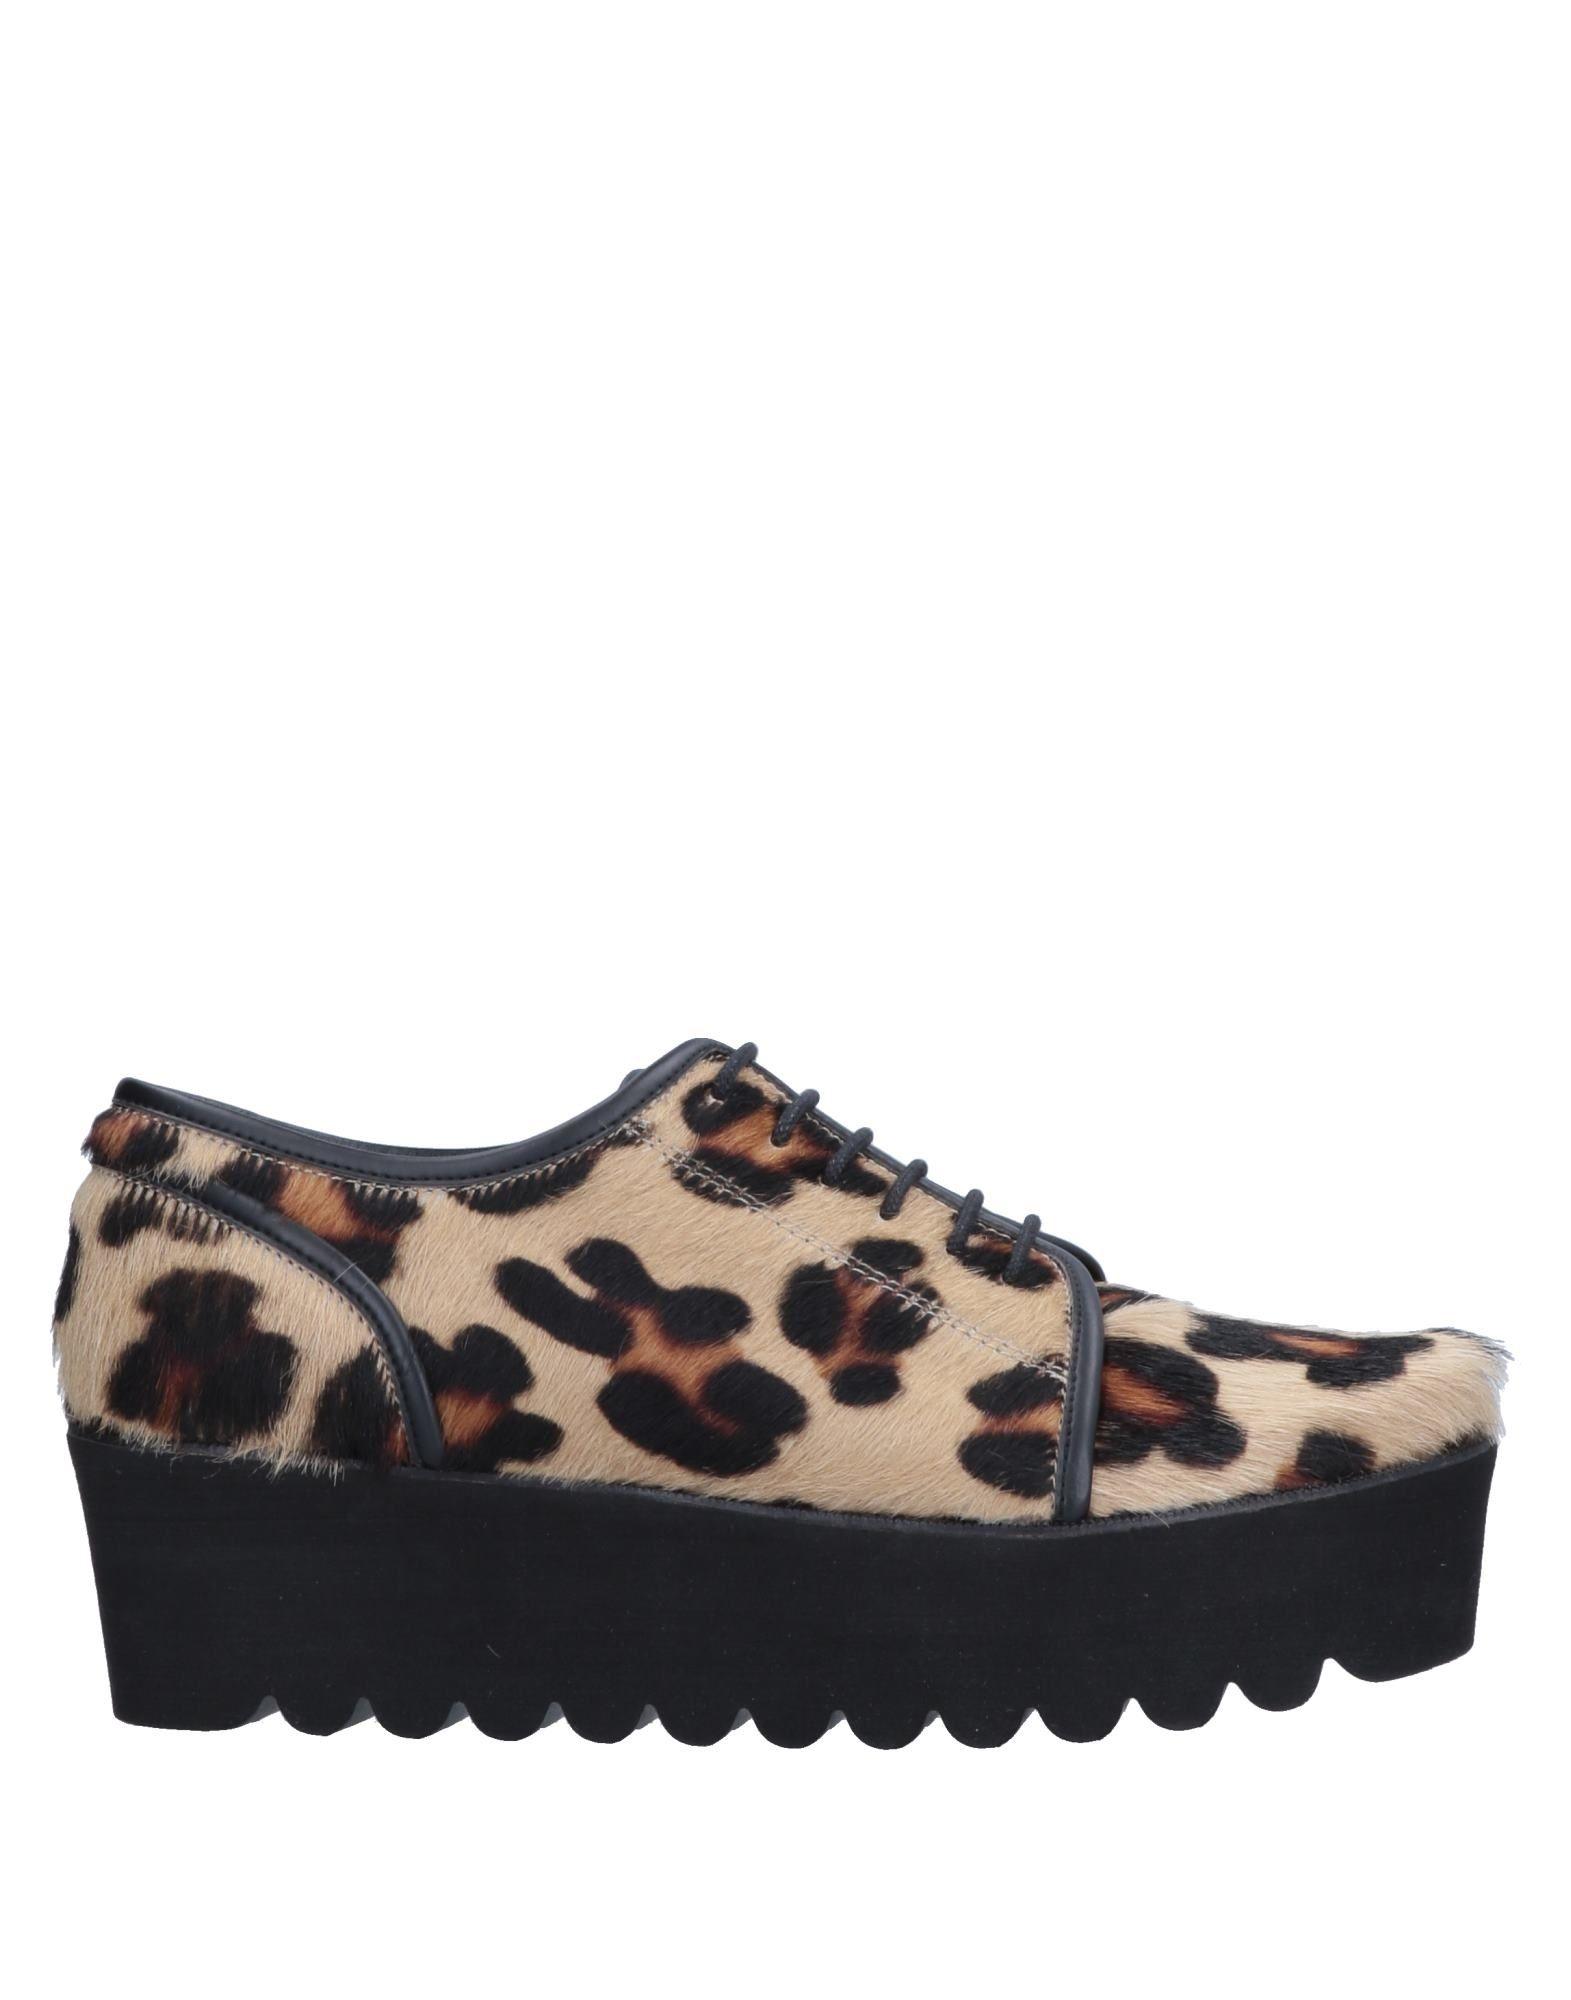 Palomitas By Paloma Barceló Schnürschuhe Damen  11546166UD Gute Qualität beliebte Schuhe